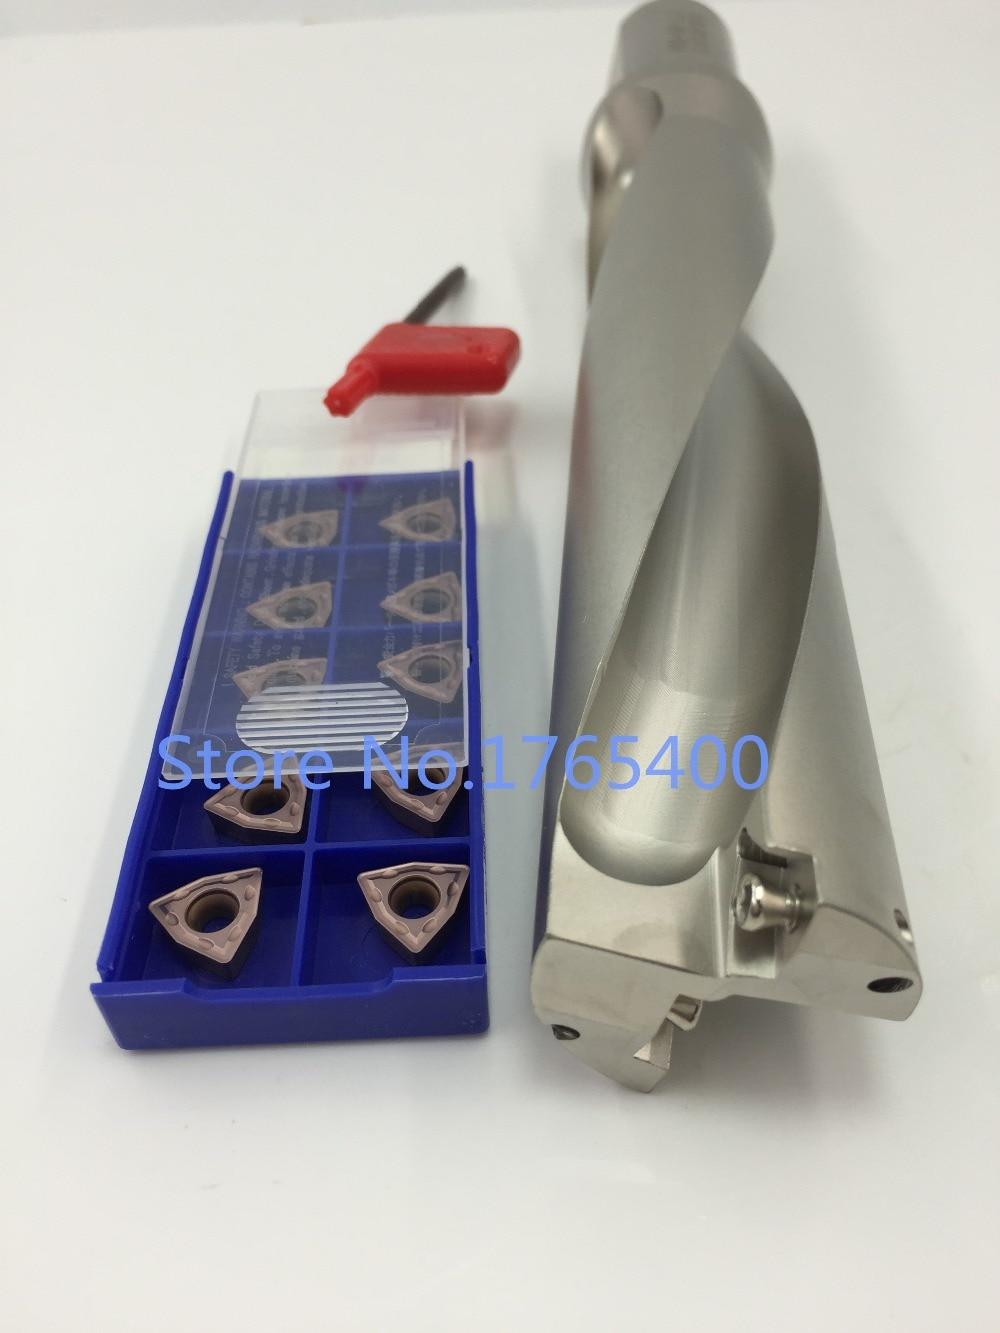 New 1pcs WC SD25.5-2D-C32-51L U Drill +10pcs WCMX050308 ACZ330 carbide inserts indexable drill bit tool New 1pcs WC SD25.5-2D-C32-51L U Drill +10pcs WCMX050308 ACZ330 carbide inserts indexable drill bit tool